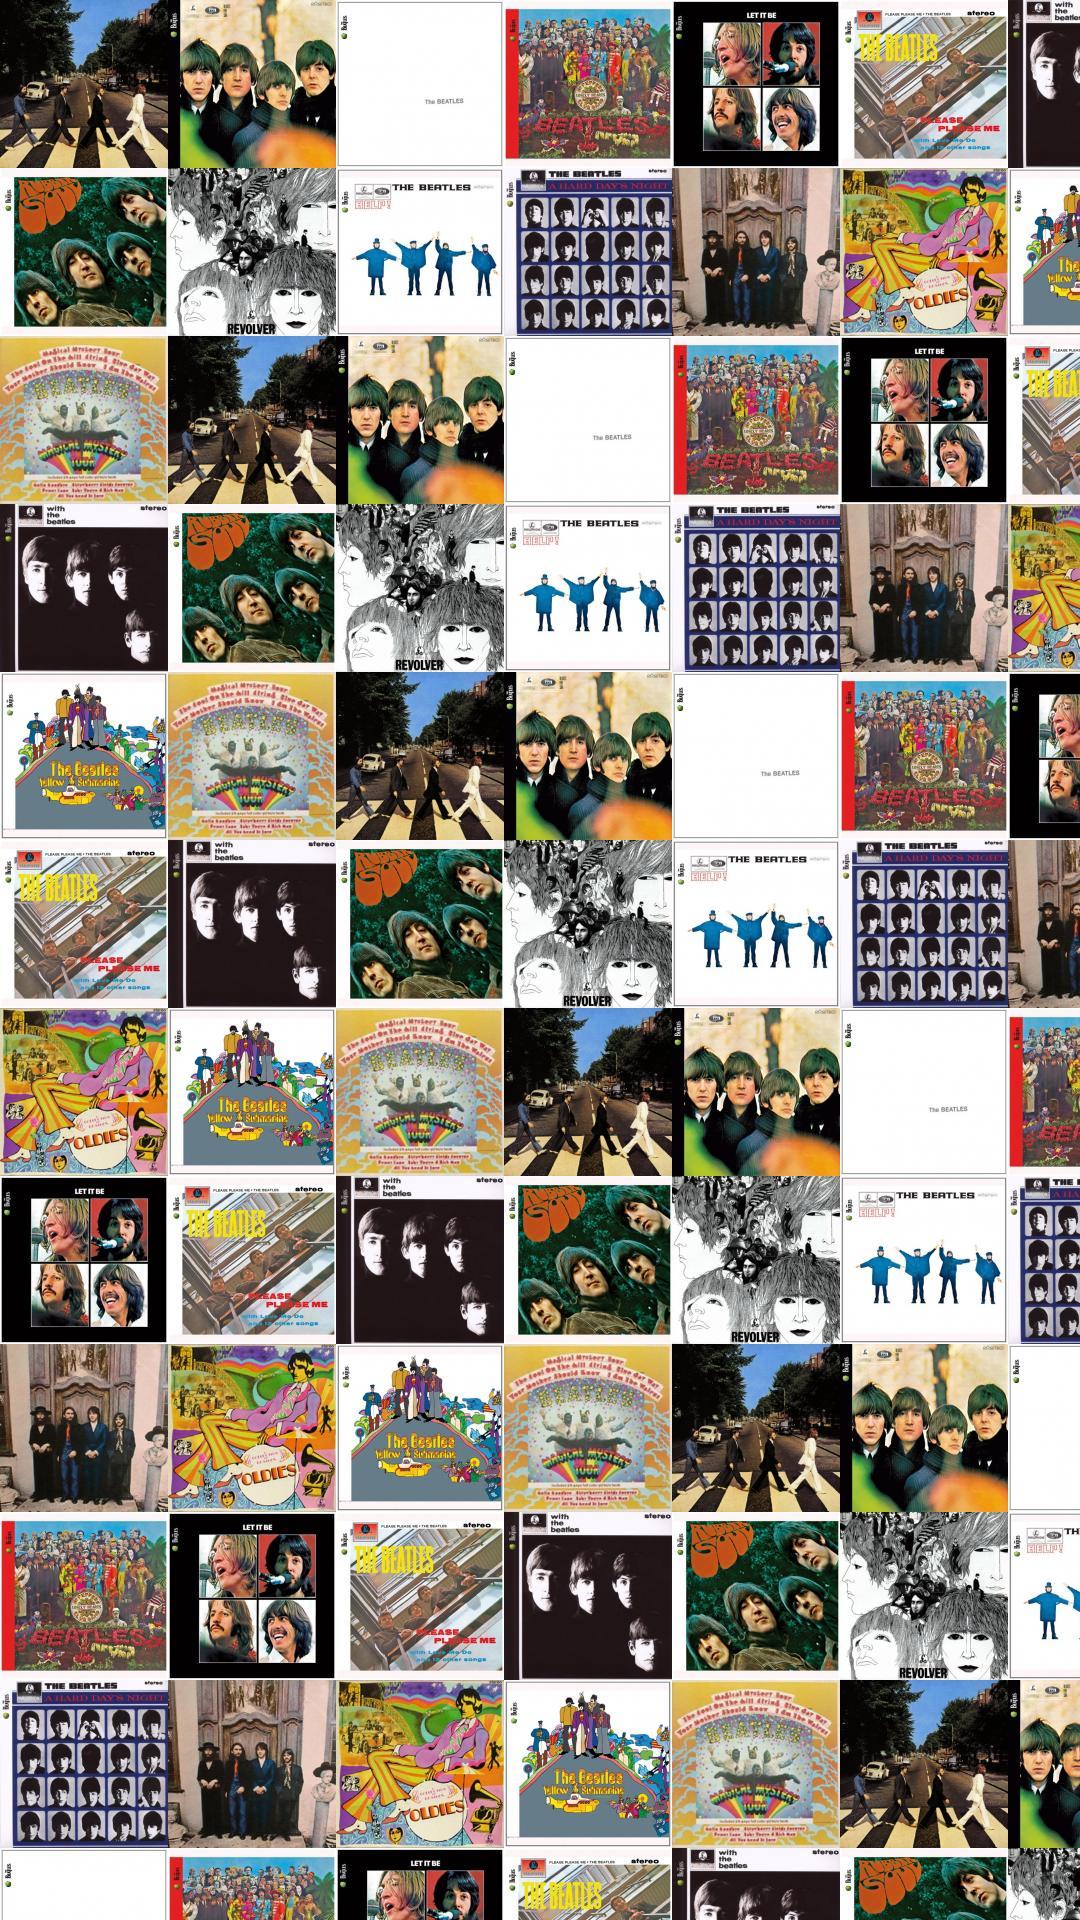 Beatles Abbey Road Beatles For Sale White Album Wallpaper Tiled